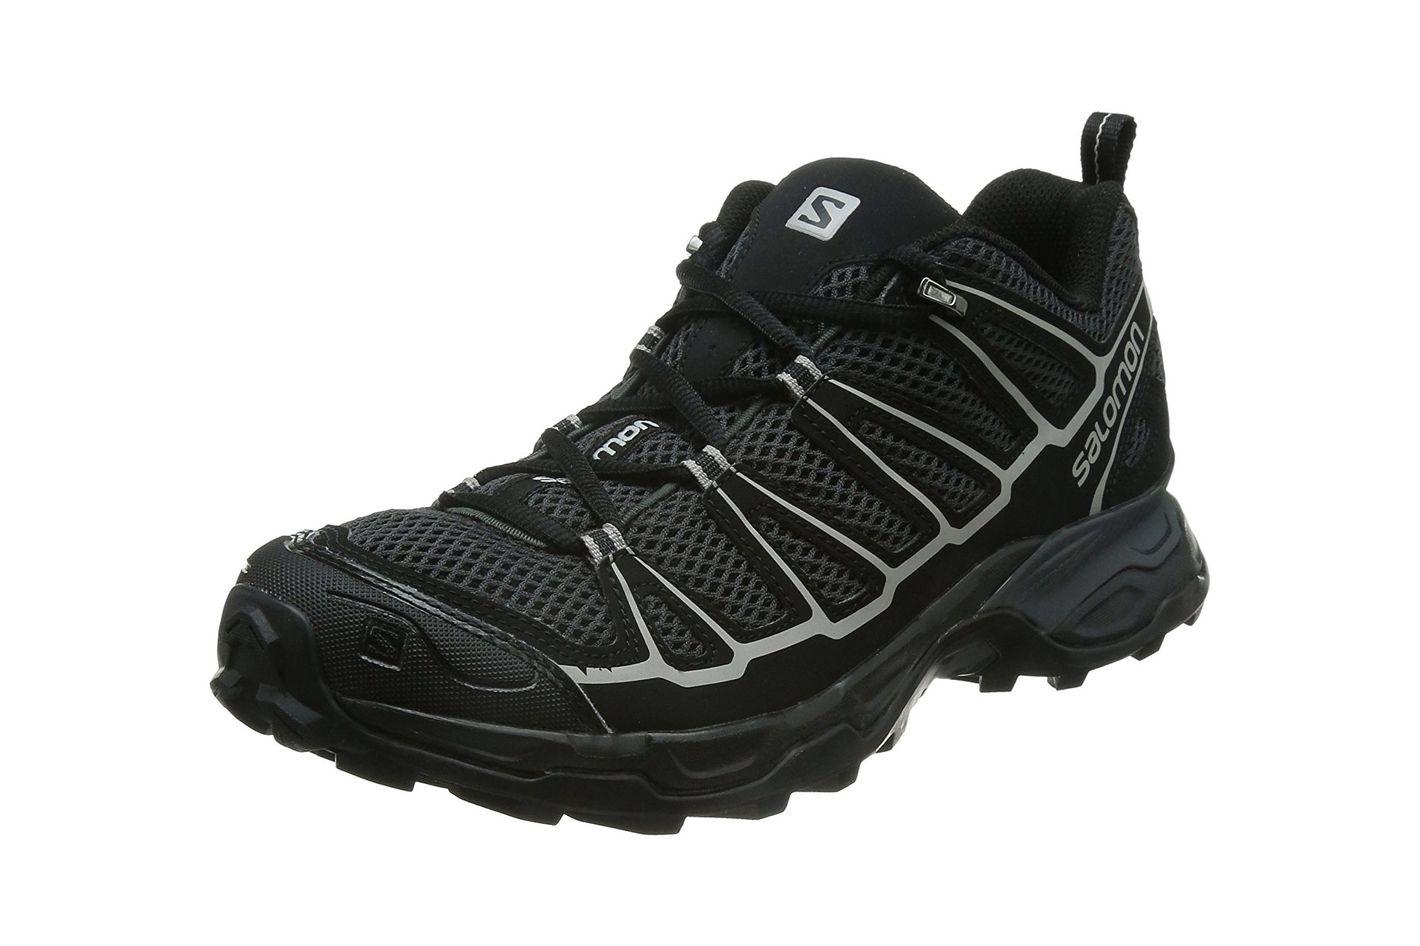 Salomon Men's X Ultra Prime Hiking Shoes